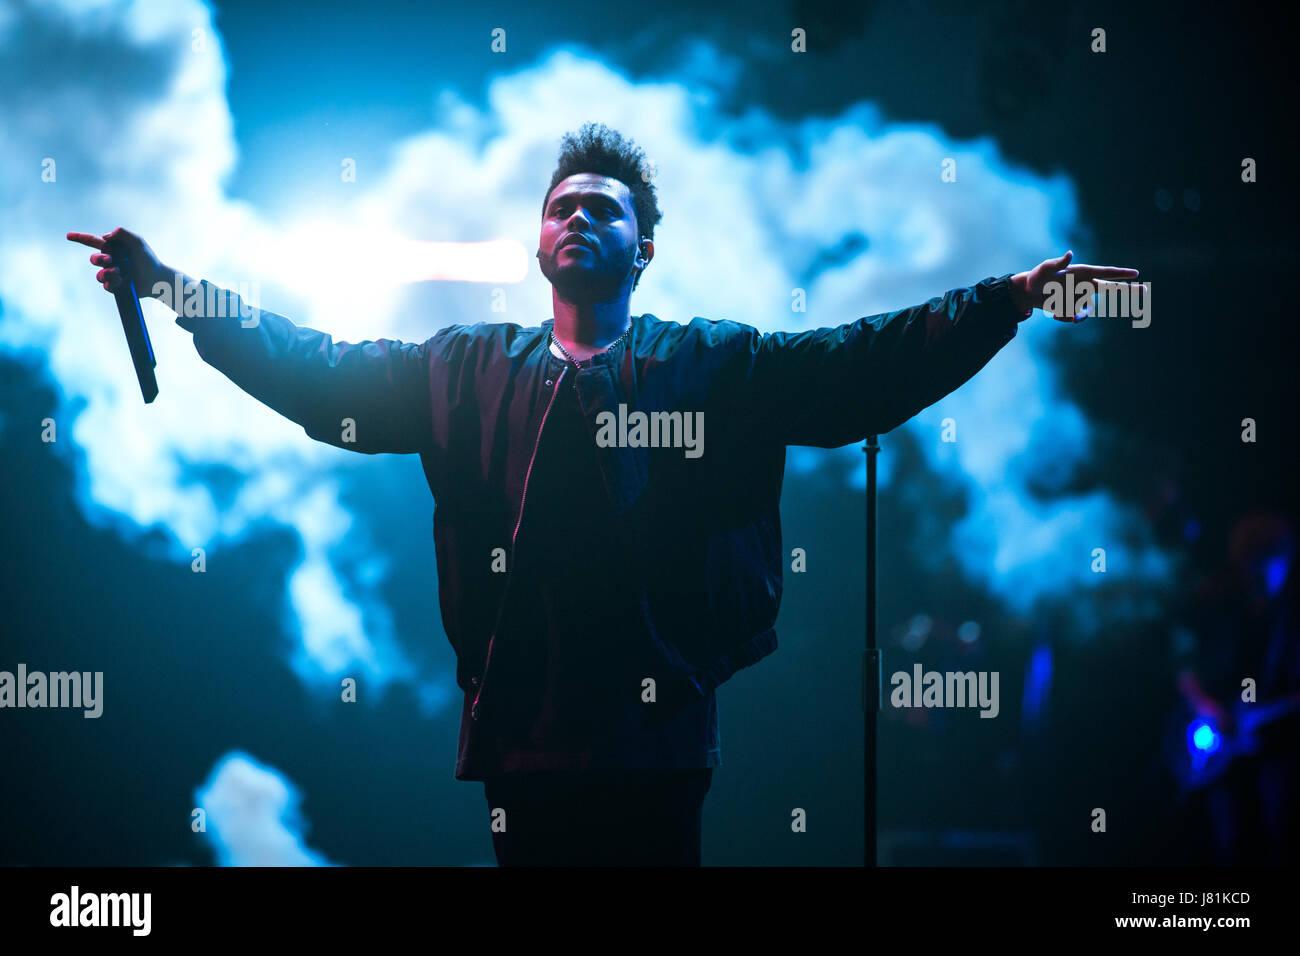 Toronto, Kanada. 26. Mai 2017. Die Weeknd spielt zu einer ausverkauften Heimatstadt Menschenmenge auf dem Air Canada Centre auf seine Sternenjunge: Legende der Herbst-Tour. Bildnachweis: Bobby Singh/Alamy Live-Nachrichten. Stockfoto